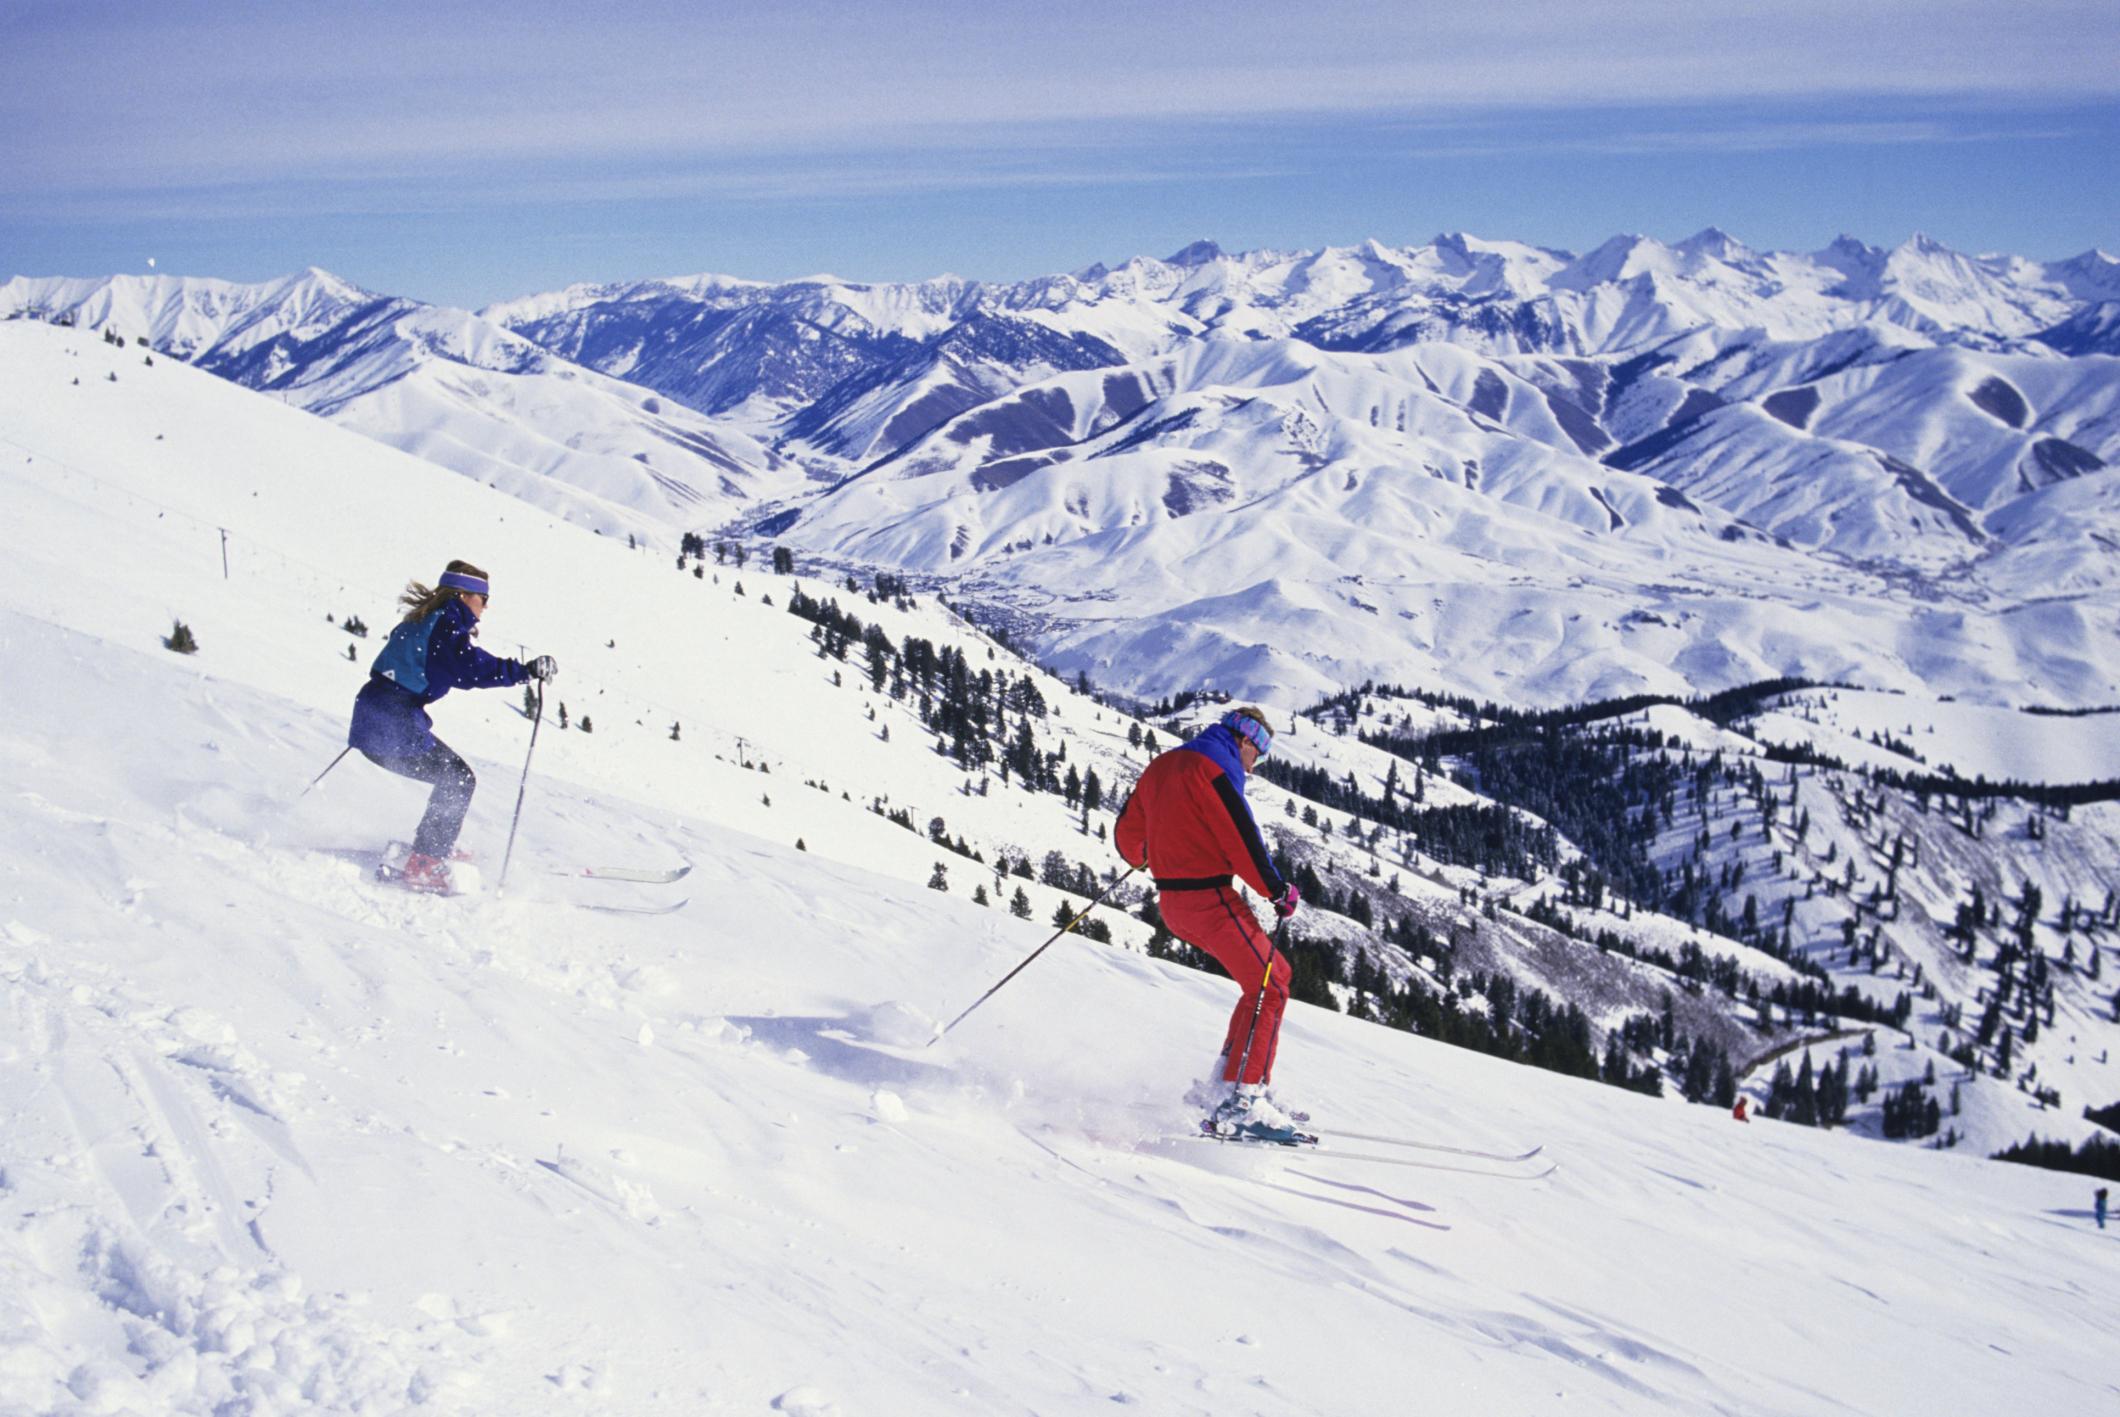 Deux personnes faisant du ski (Thinkstock)